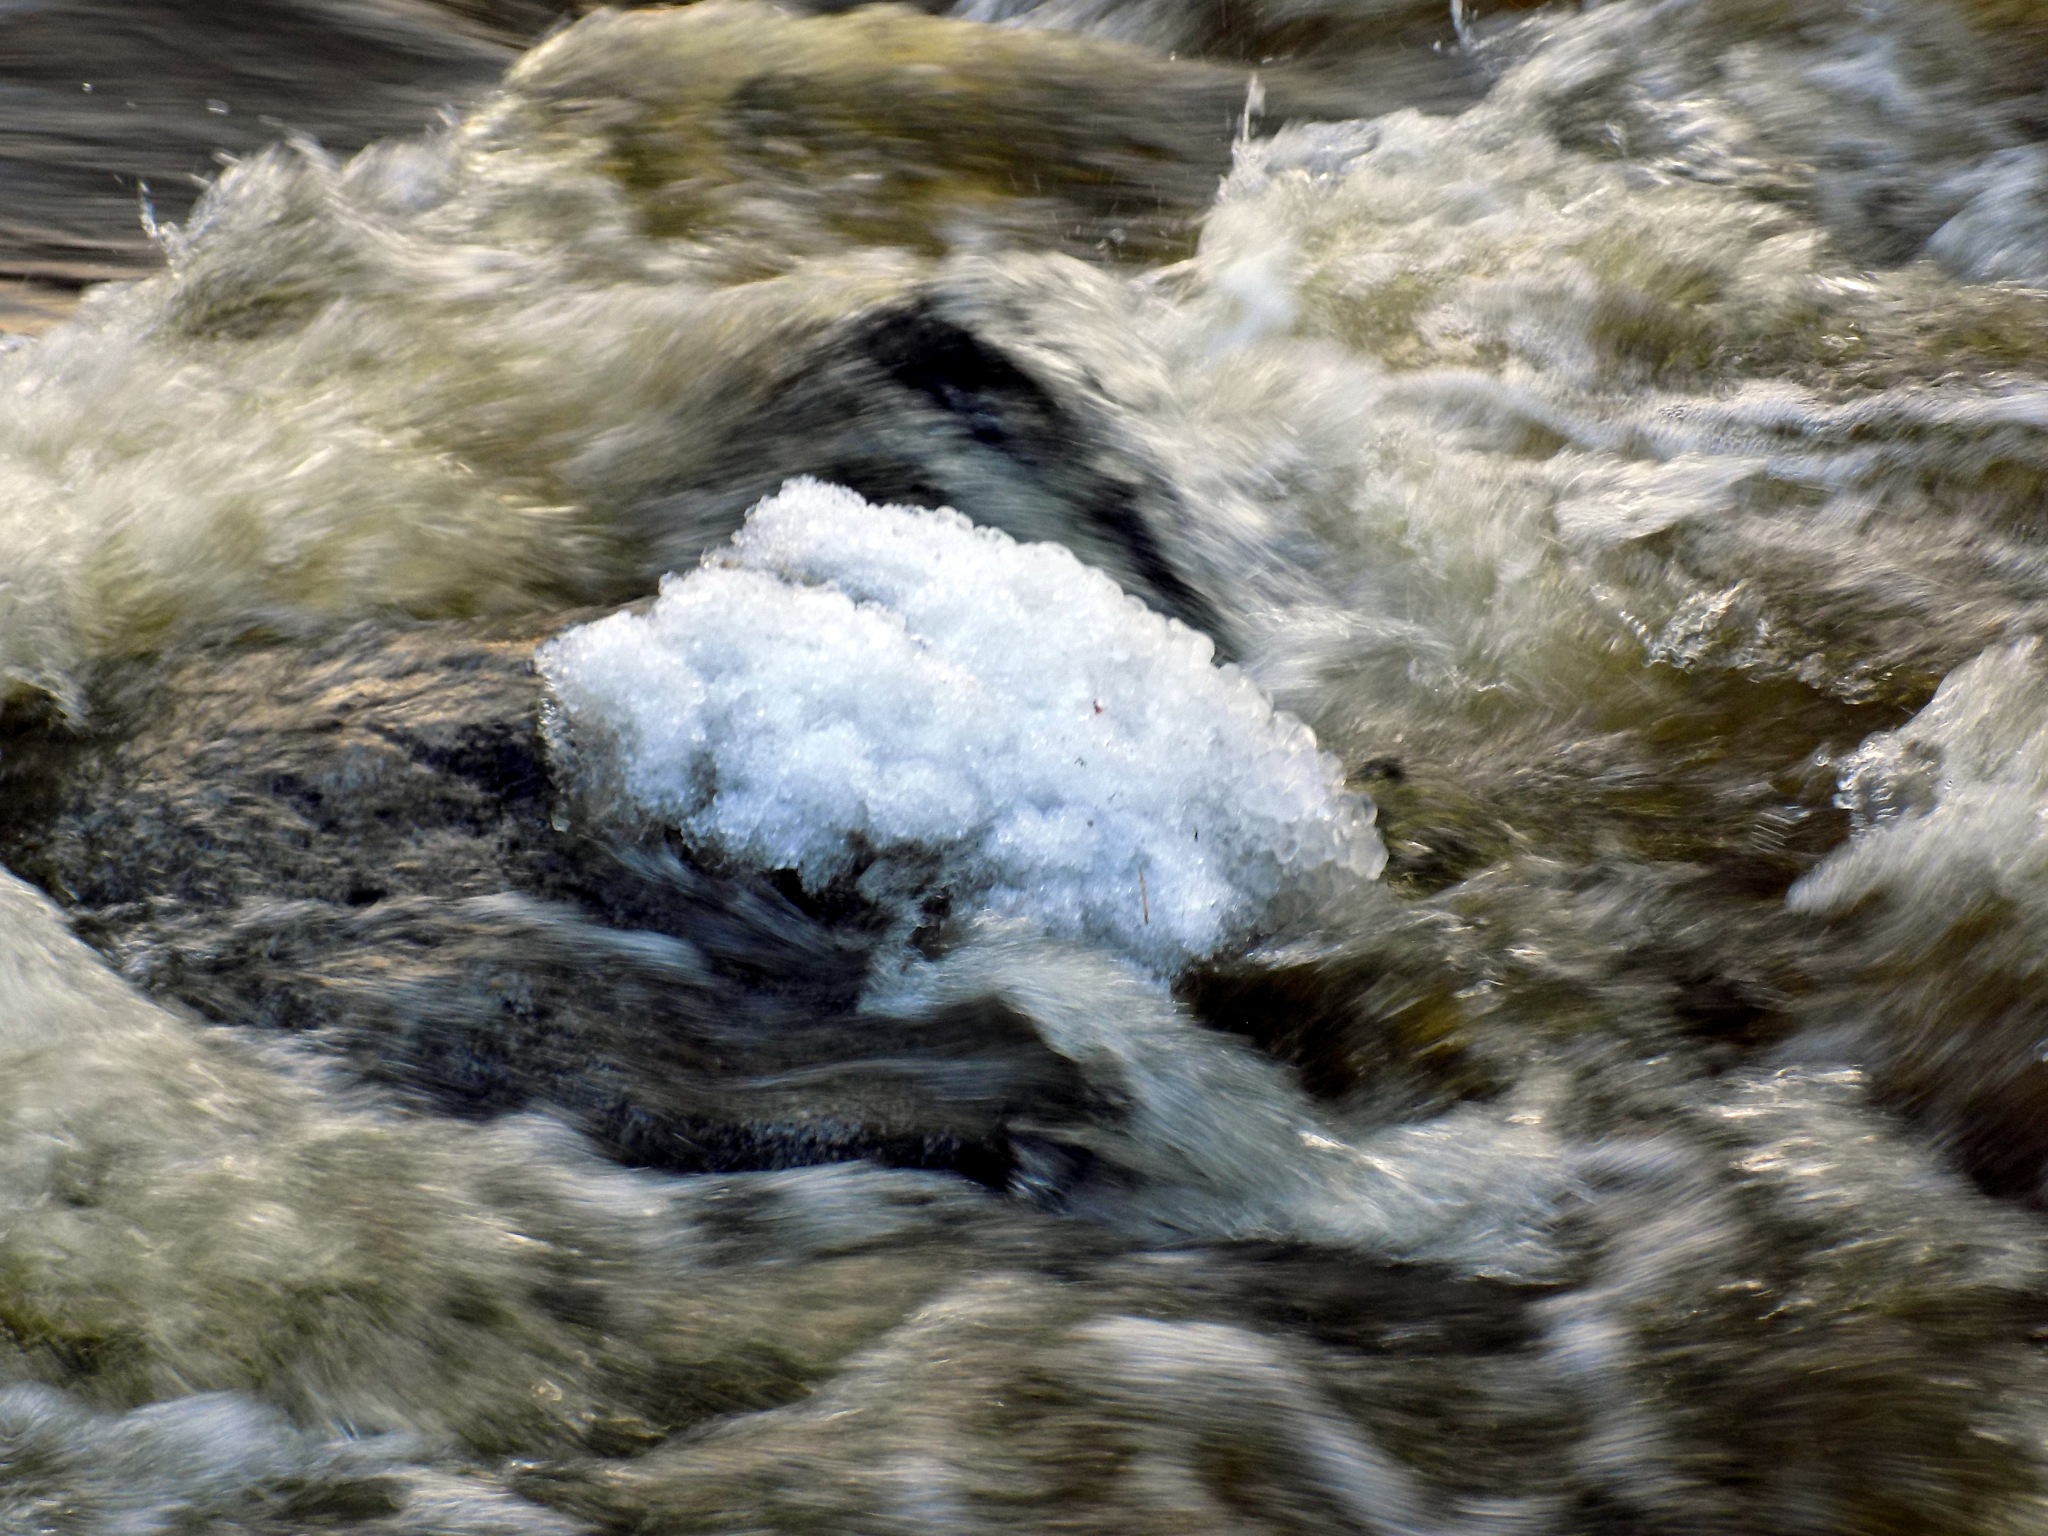 Water flow in the river by uzkuraitiene62